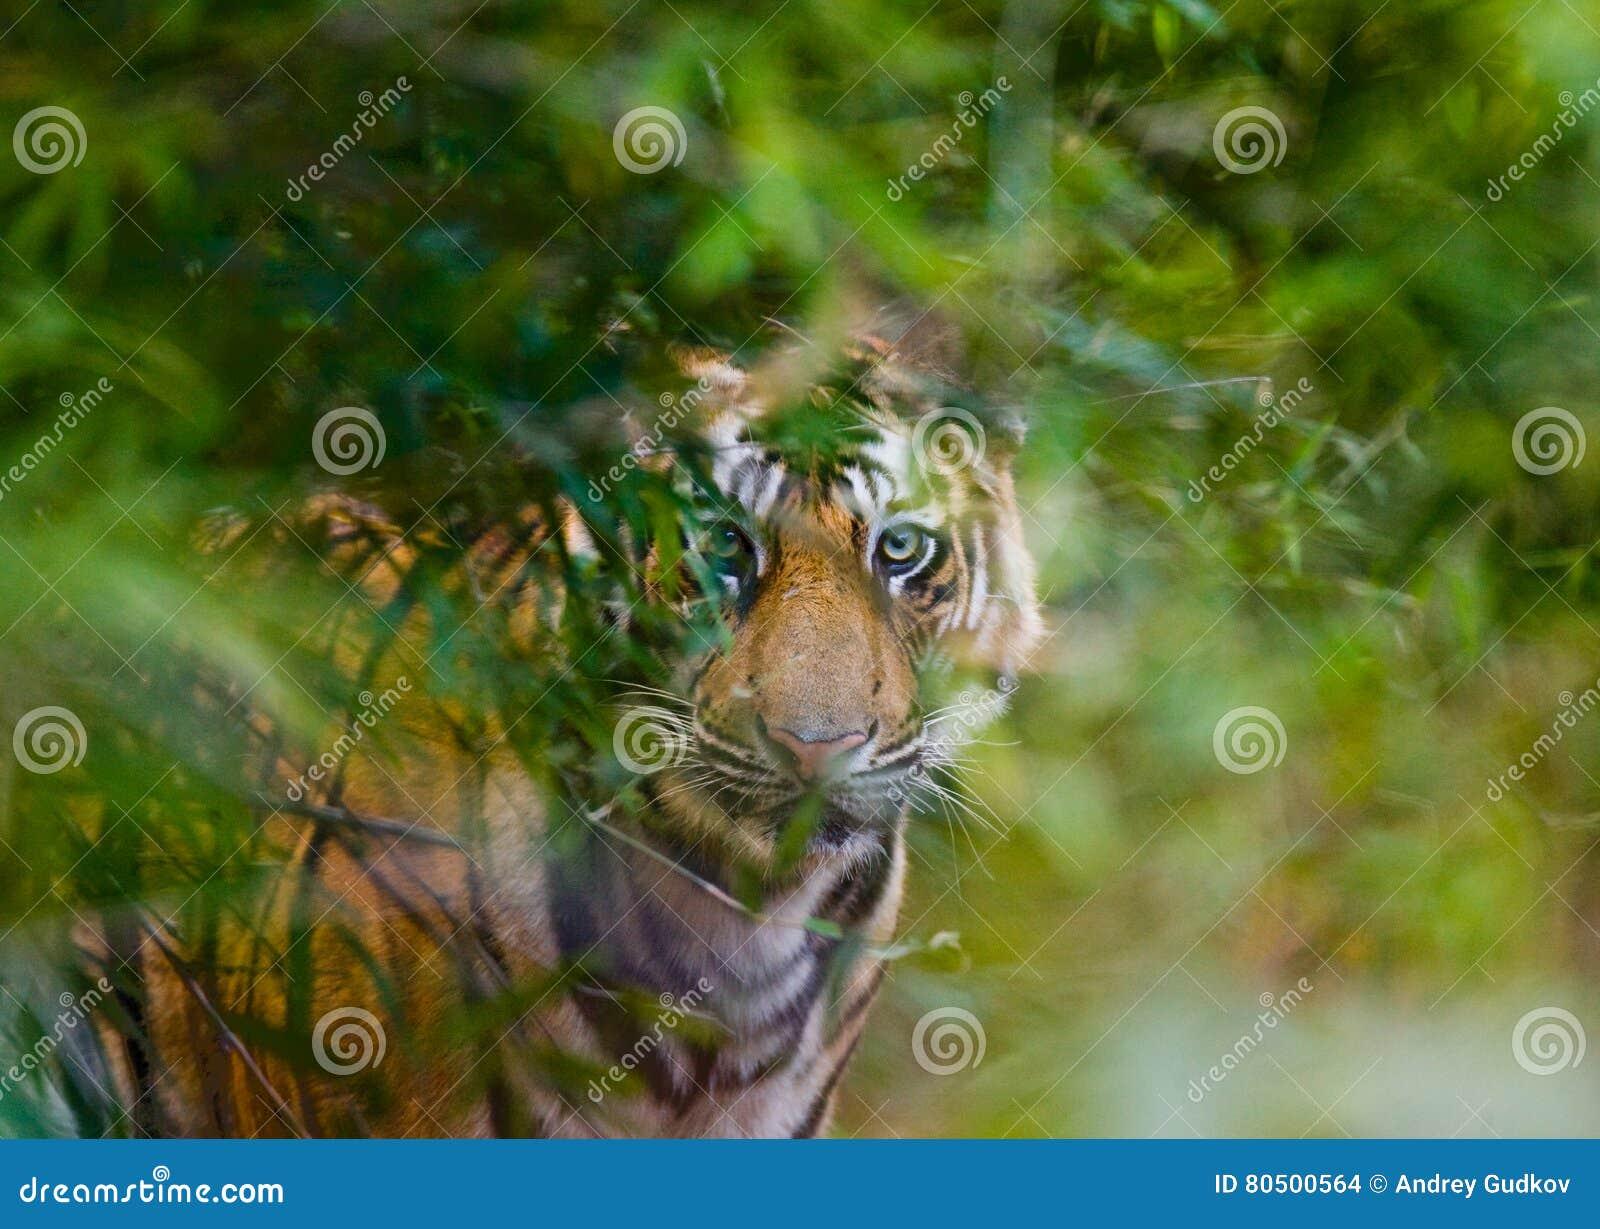 De wilde tijger van Bengalen kijkt uit van de struiken in de wildernis India BANDHAVGARH NATIONAAL PARK Madhya Pradesh